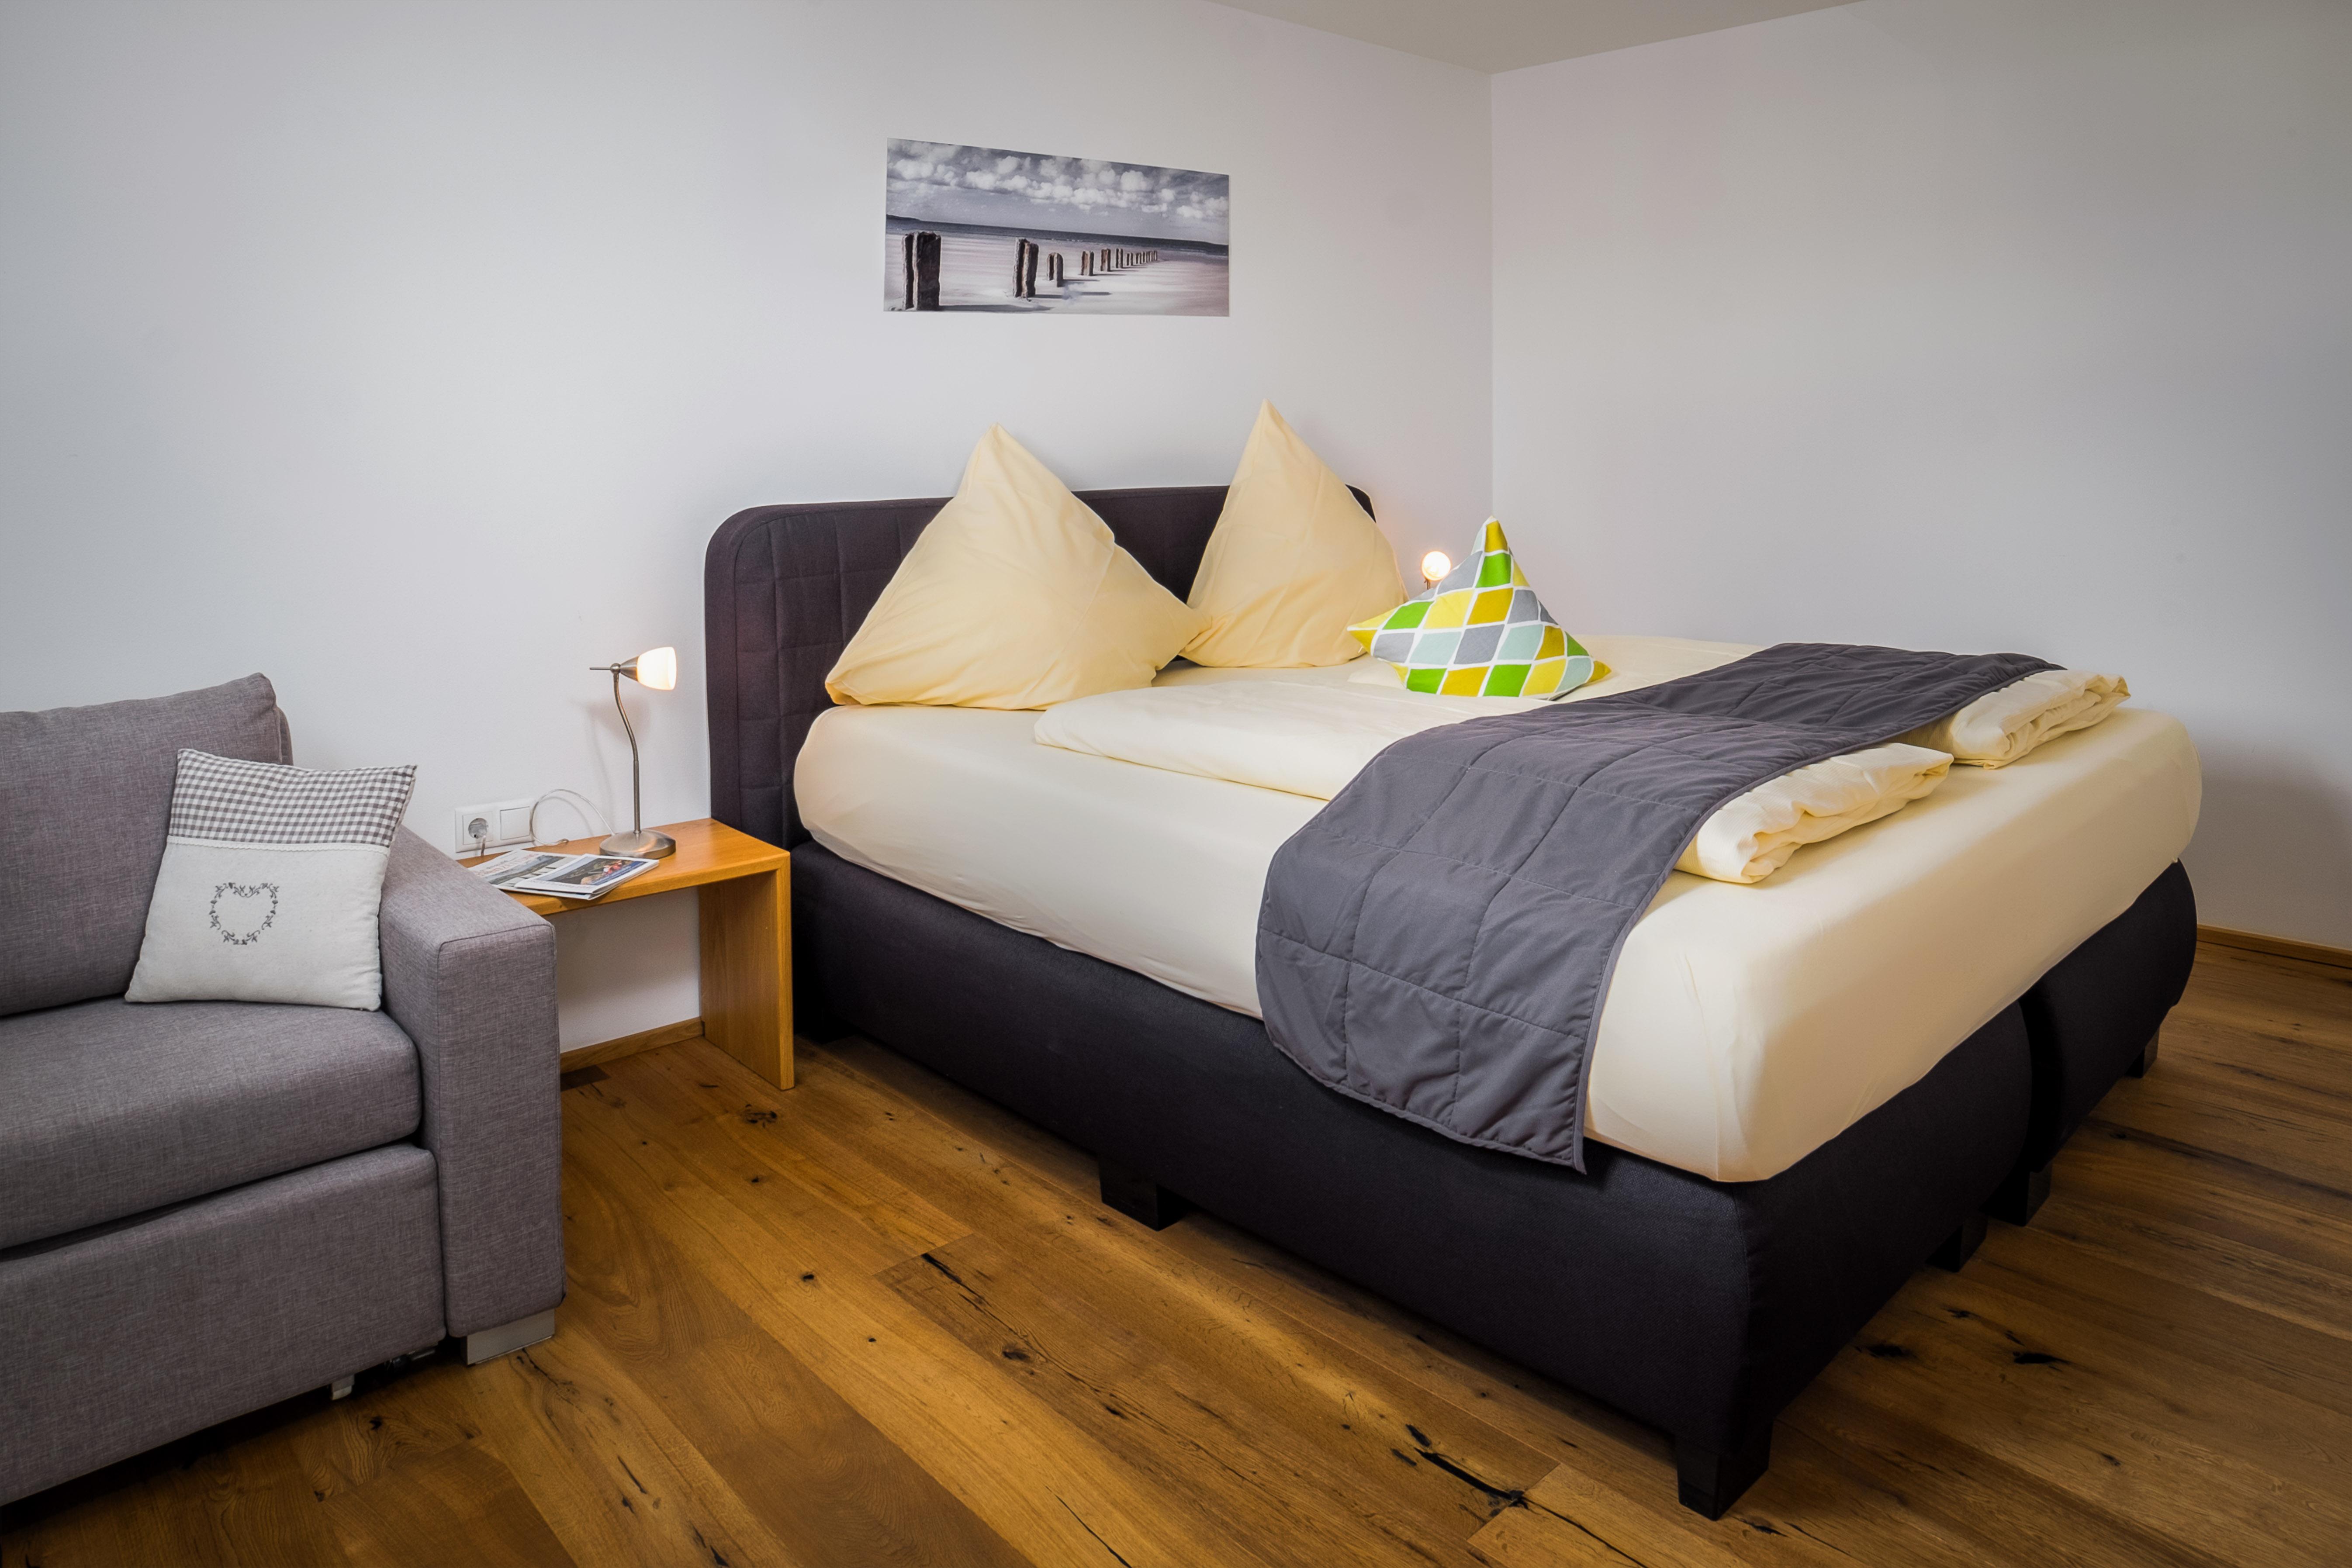 Appartement de vacances Sandra, (Hörbranz). Ferienwohnung Dreiländerblick, 58qm, 1 Schlafzimmer, max. 4 Personen (2127339), Hörbranz, Bregenz, Vorarlberg, Autriche, image 17